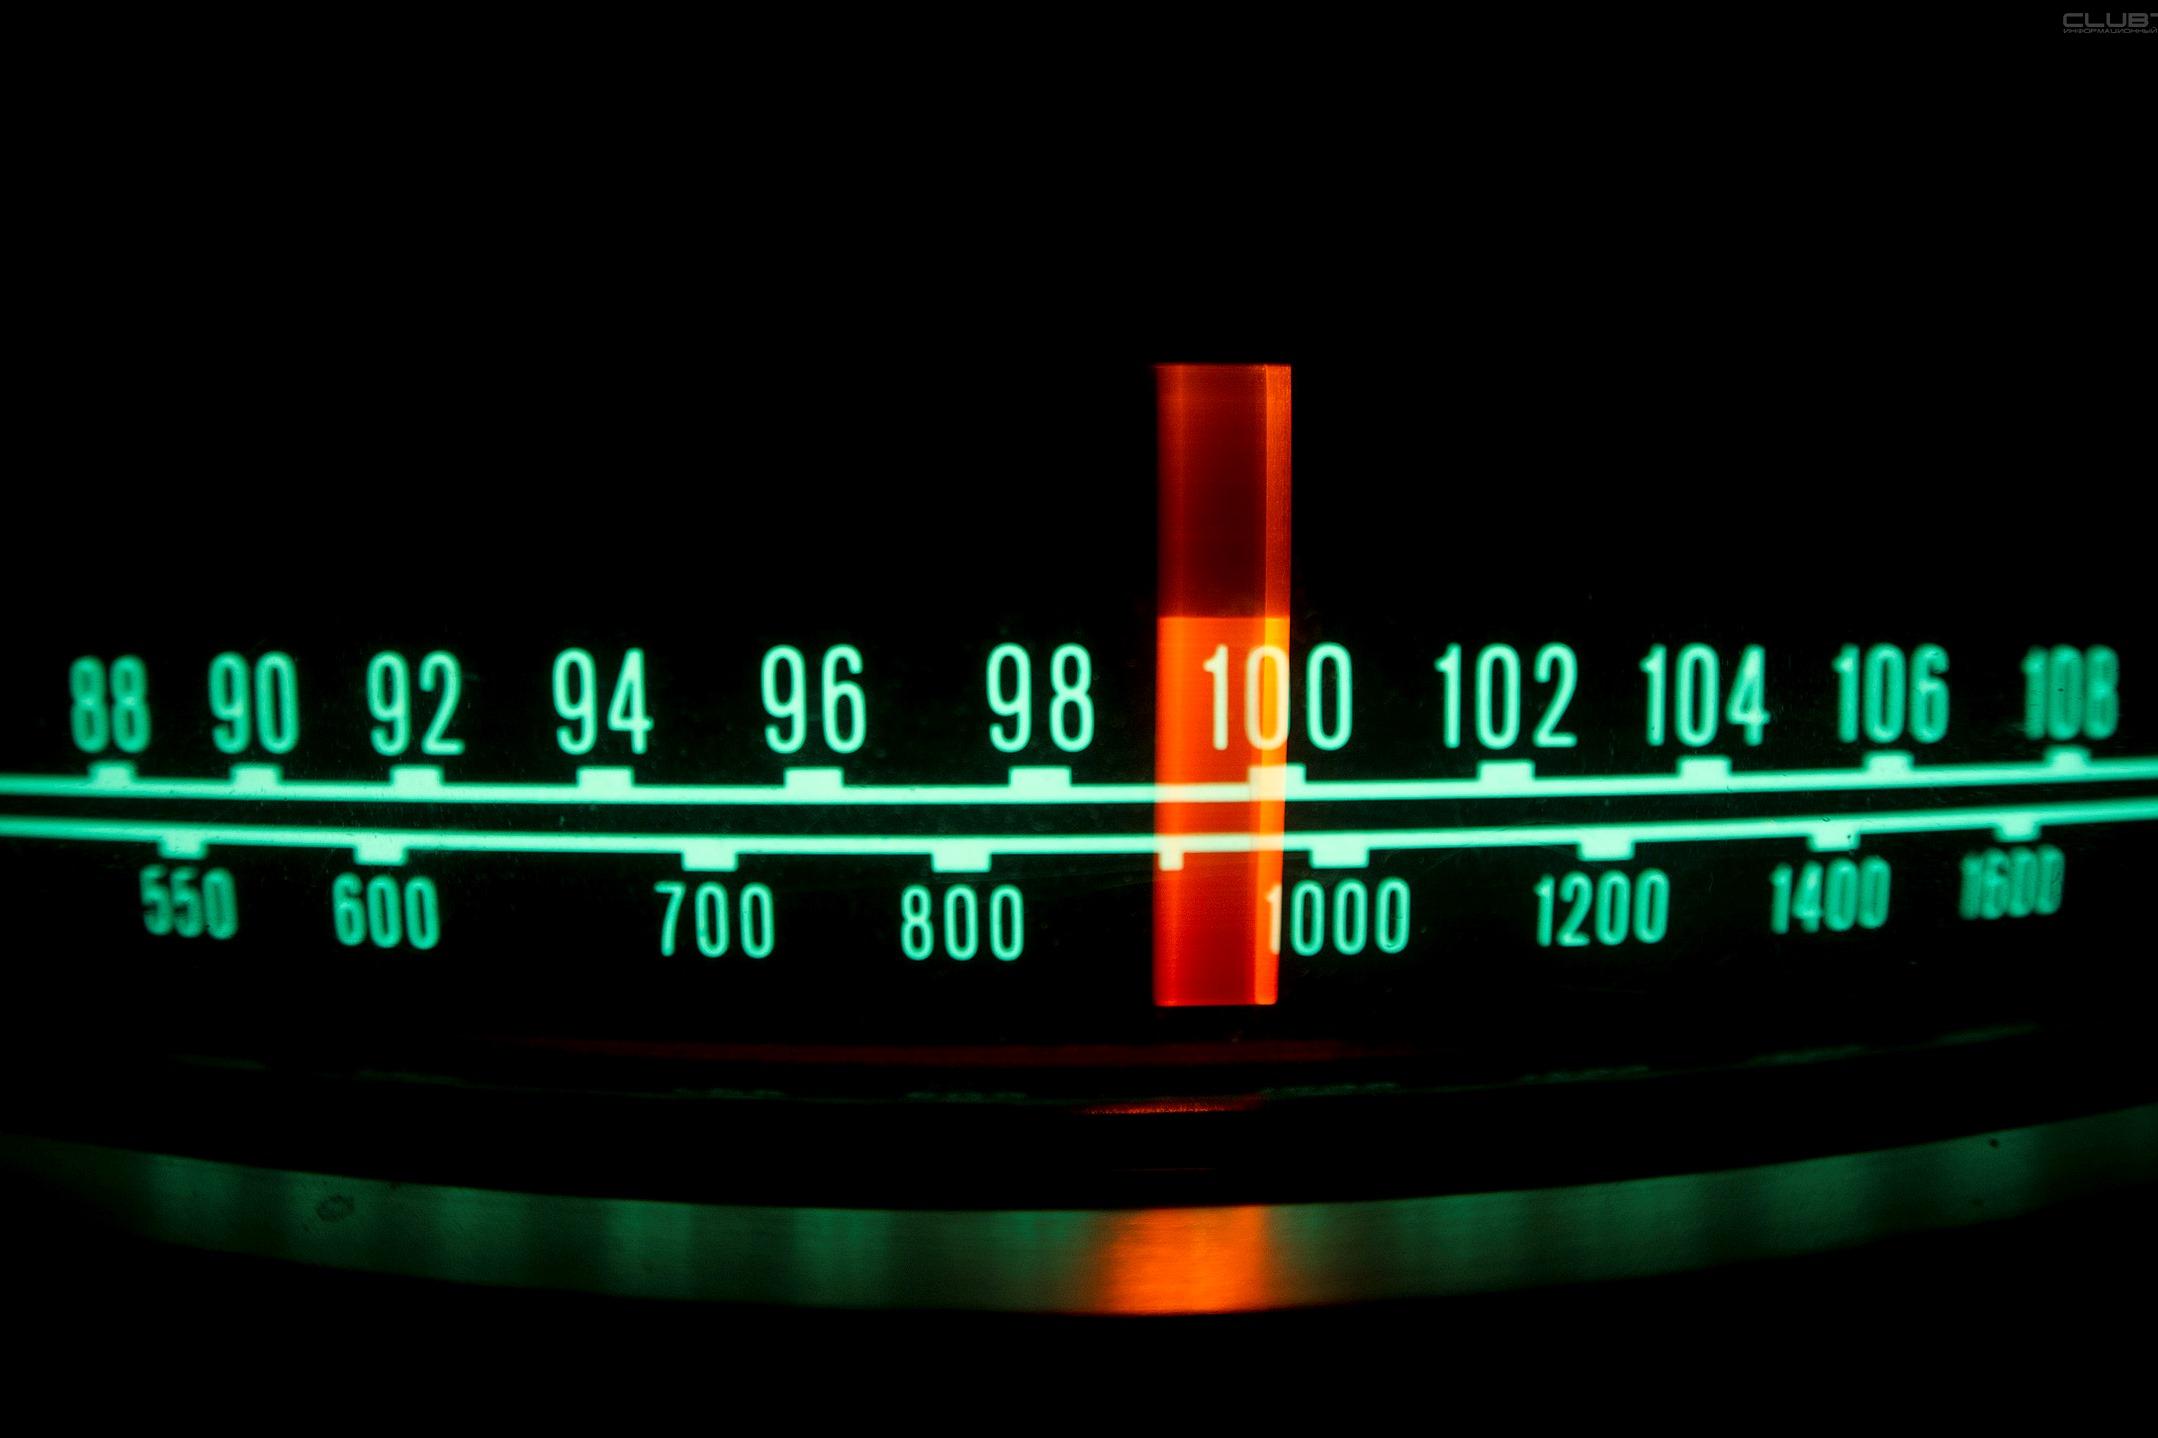 Висновок Незалежної медійної ради щодо випуску передачі «Відкритий мікрофон» на радіо «АКС»